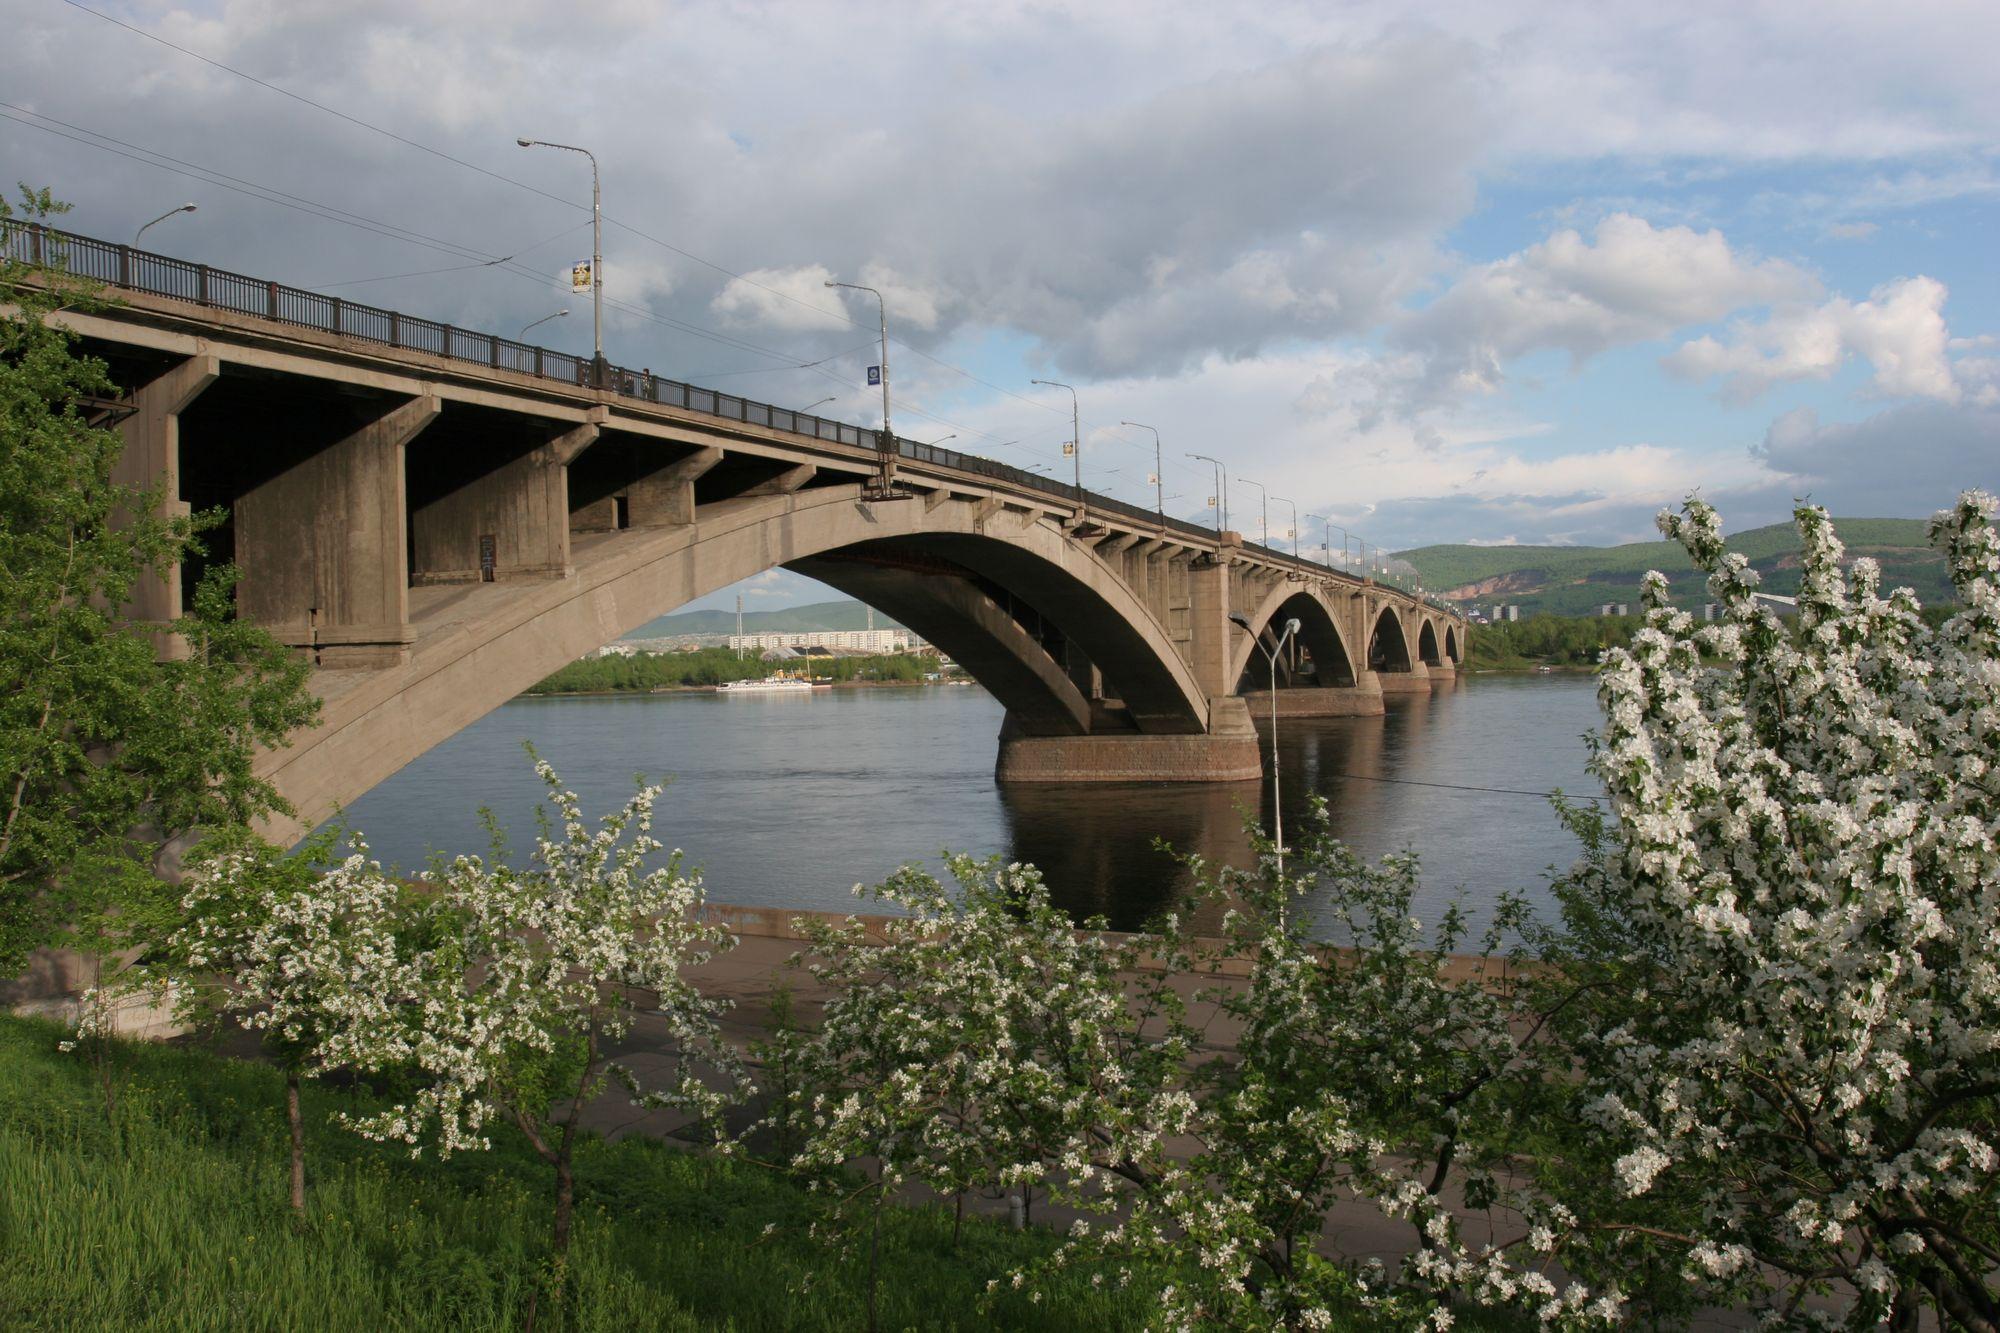 В Красноярске с Коммунального моста упал мужчина